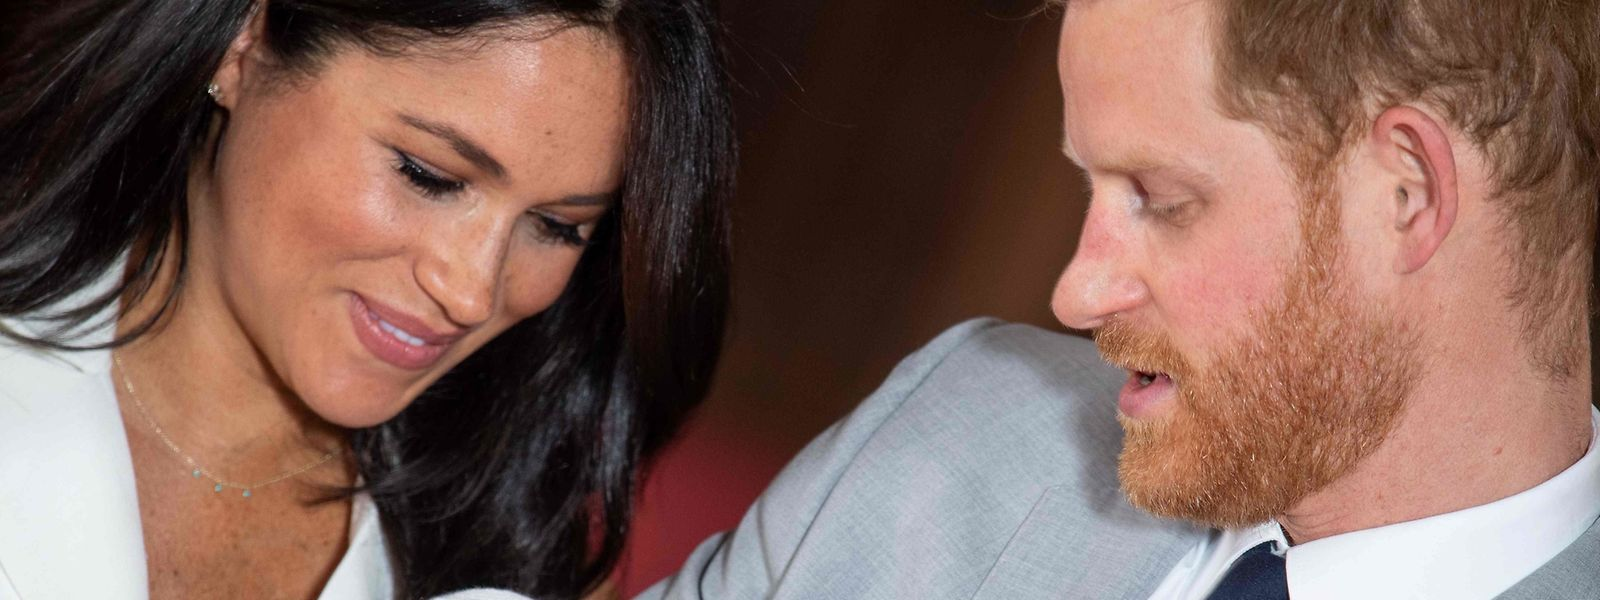 Der Herzog und die Herzogin von Sussex präsentierten ihr Neugeborenes zwei Tage nach der Geburt.